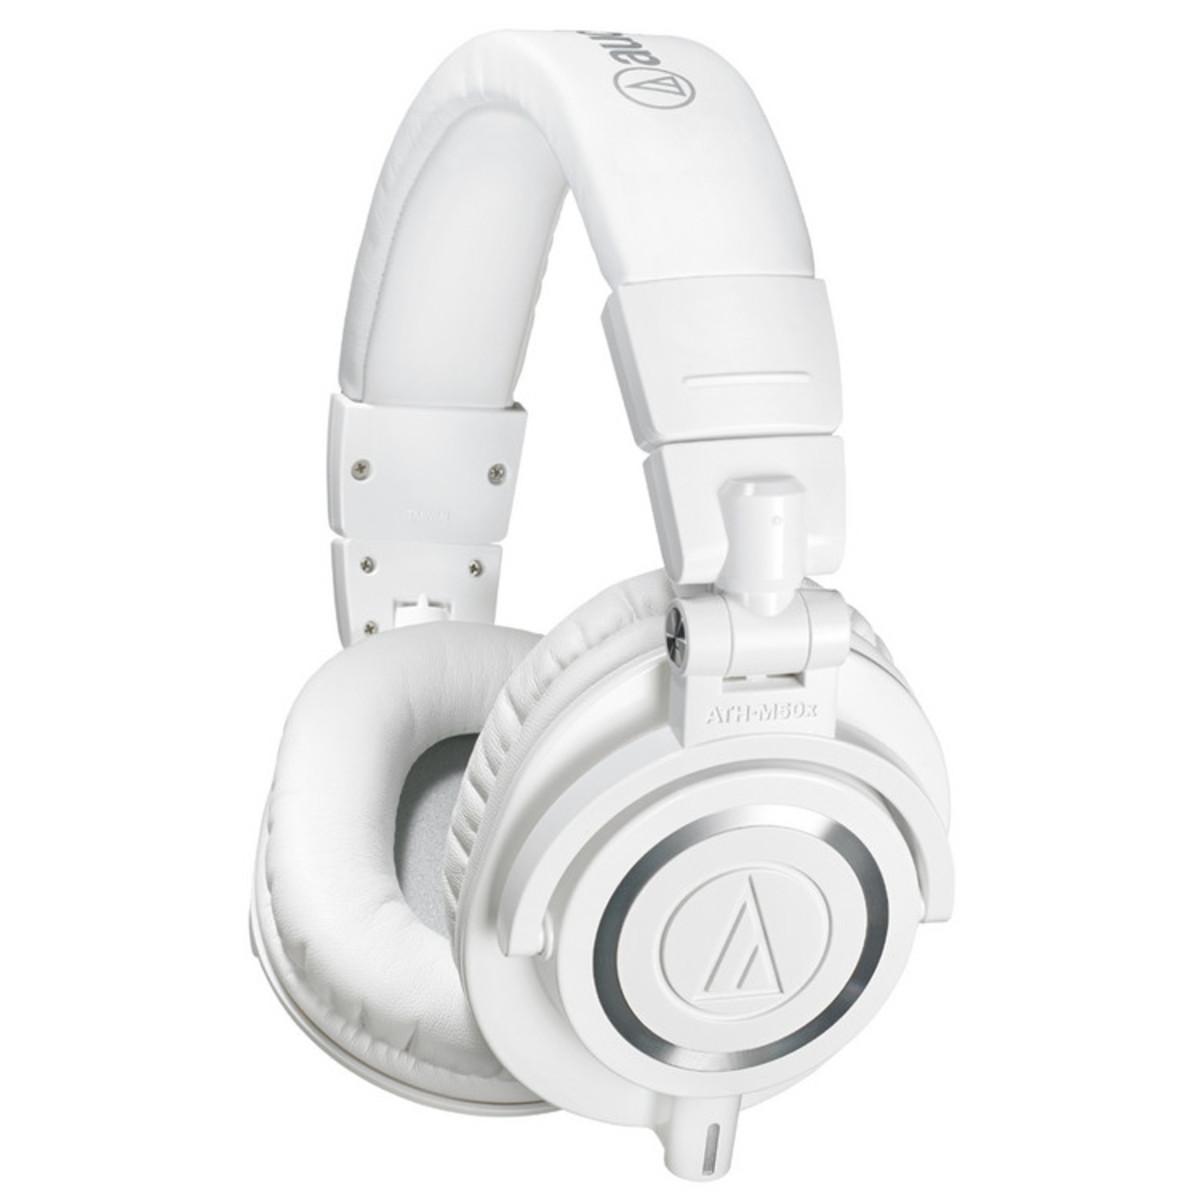 Audio Technica ATH-M50x Professionella Monitoring-Hörlurar 0c4aa6537d253